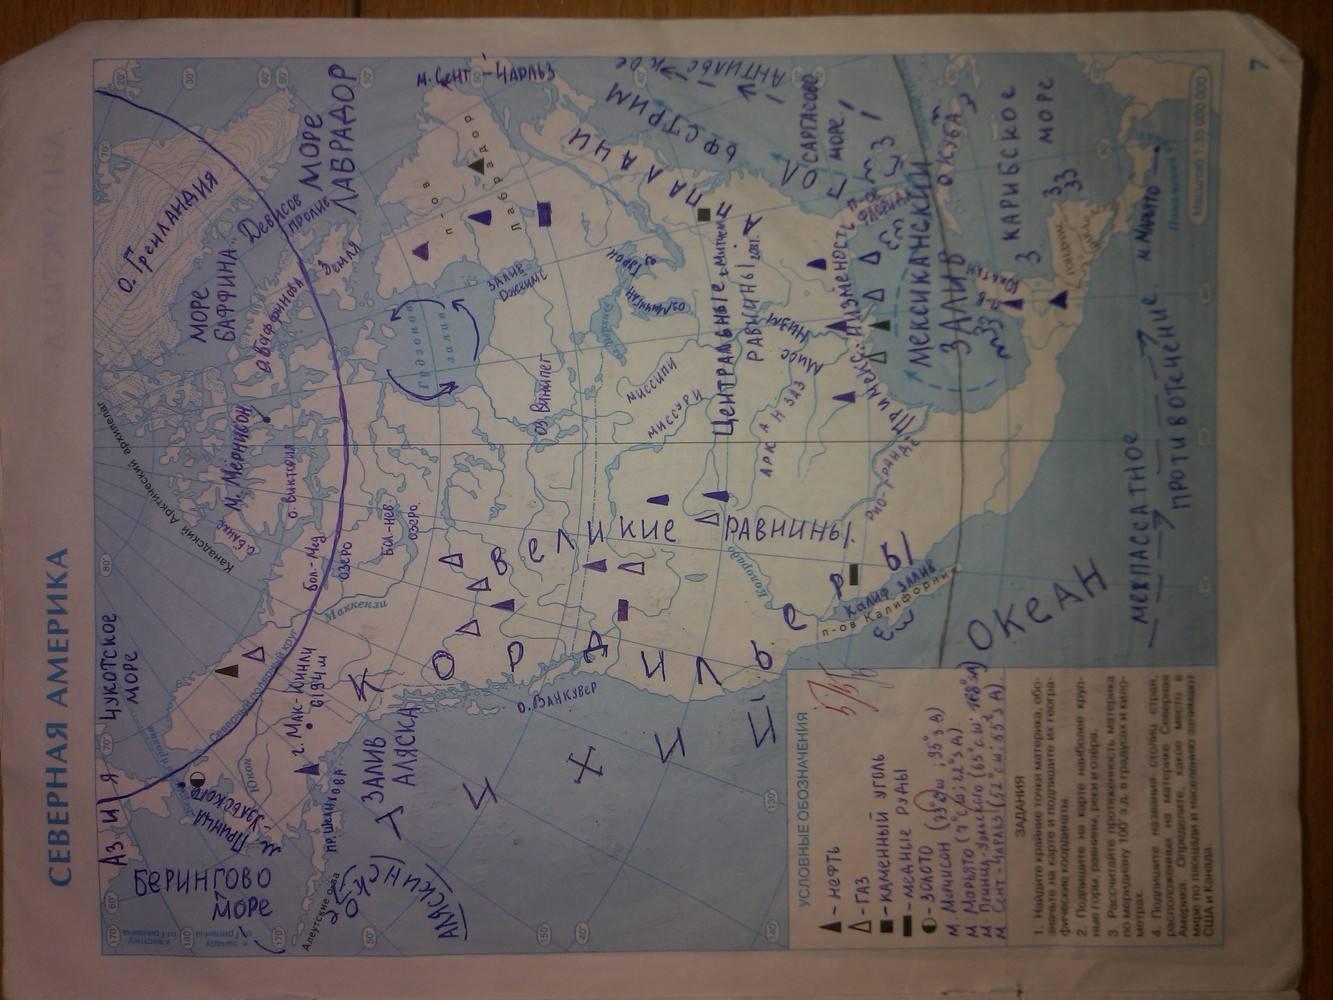 решебник по контурным картам 7 класс география евразия